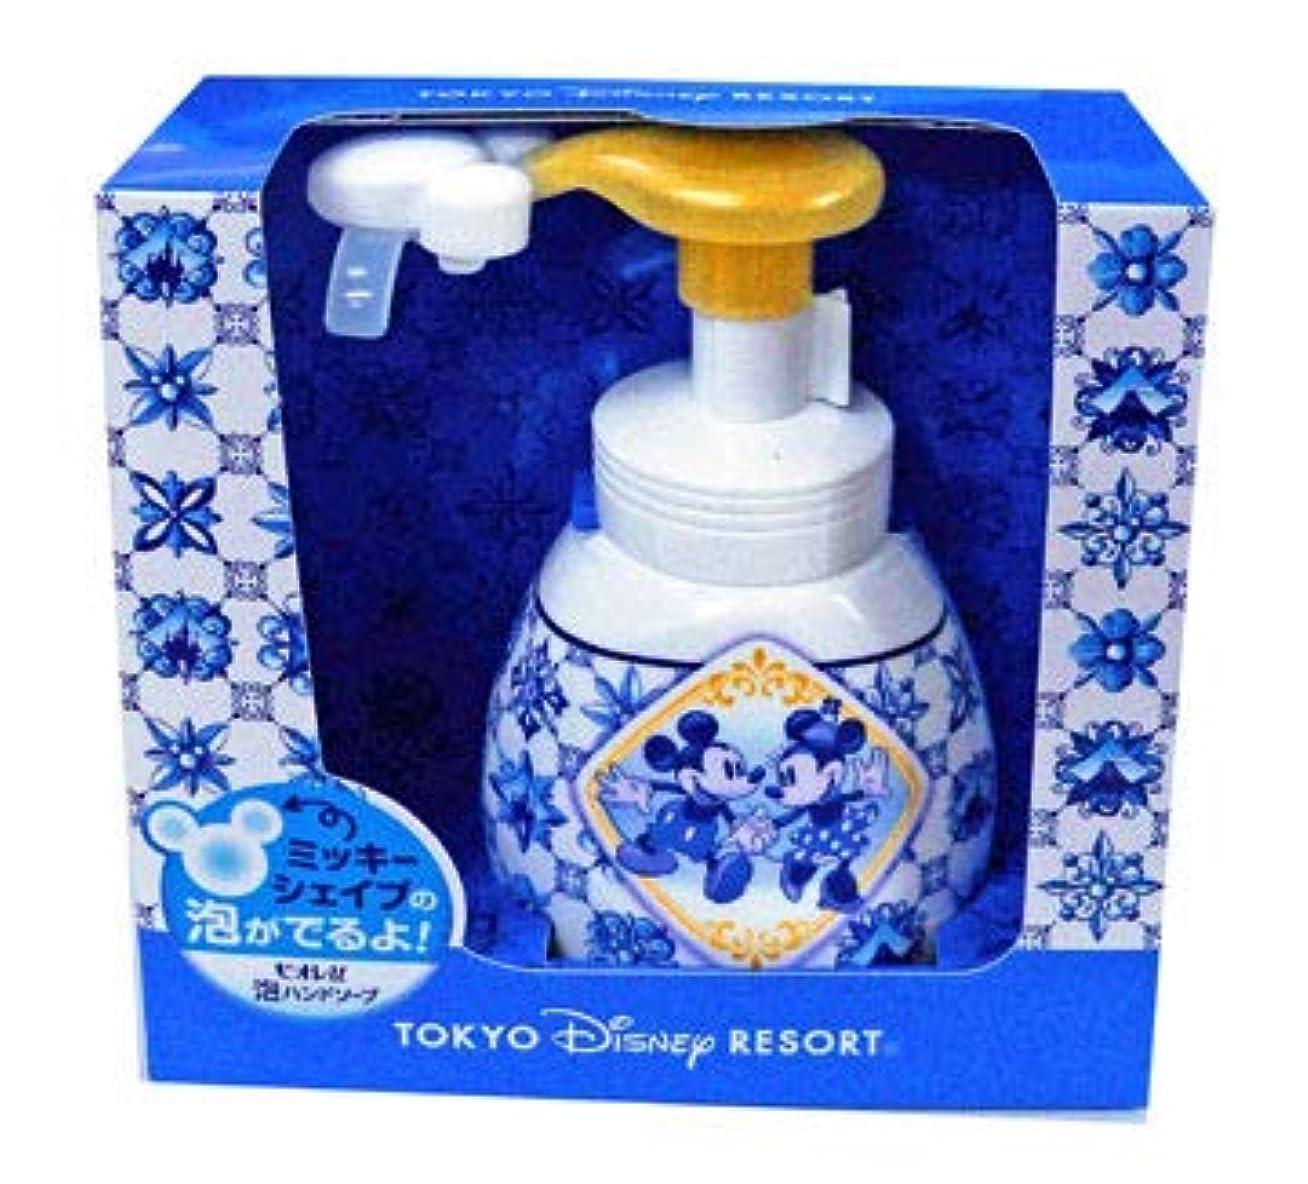 ハンバーガー間隔航空泡ハンドソープ(新デザイン) 東京ディズニーリゾート ミッキーとミニー柄  おみやげ